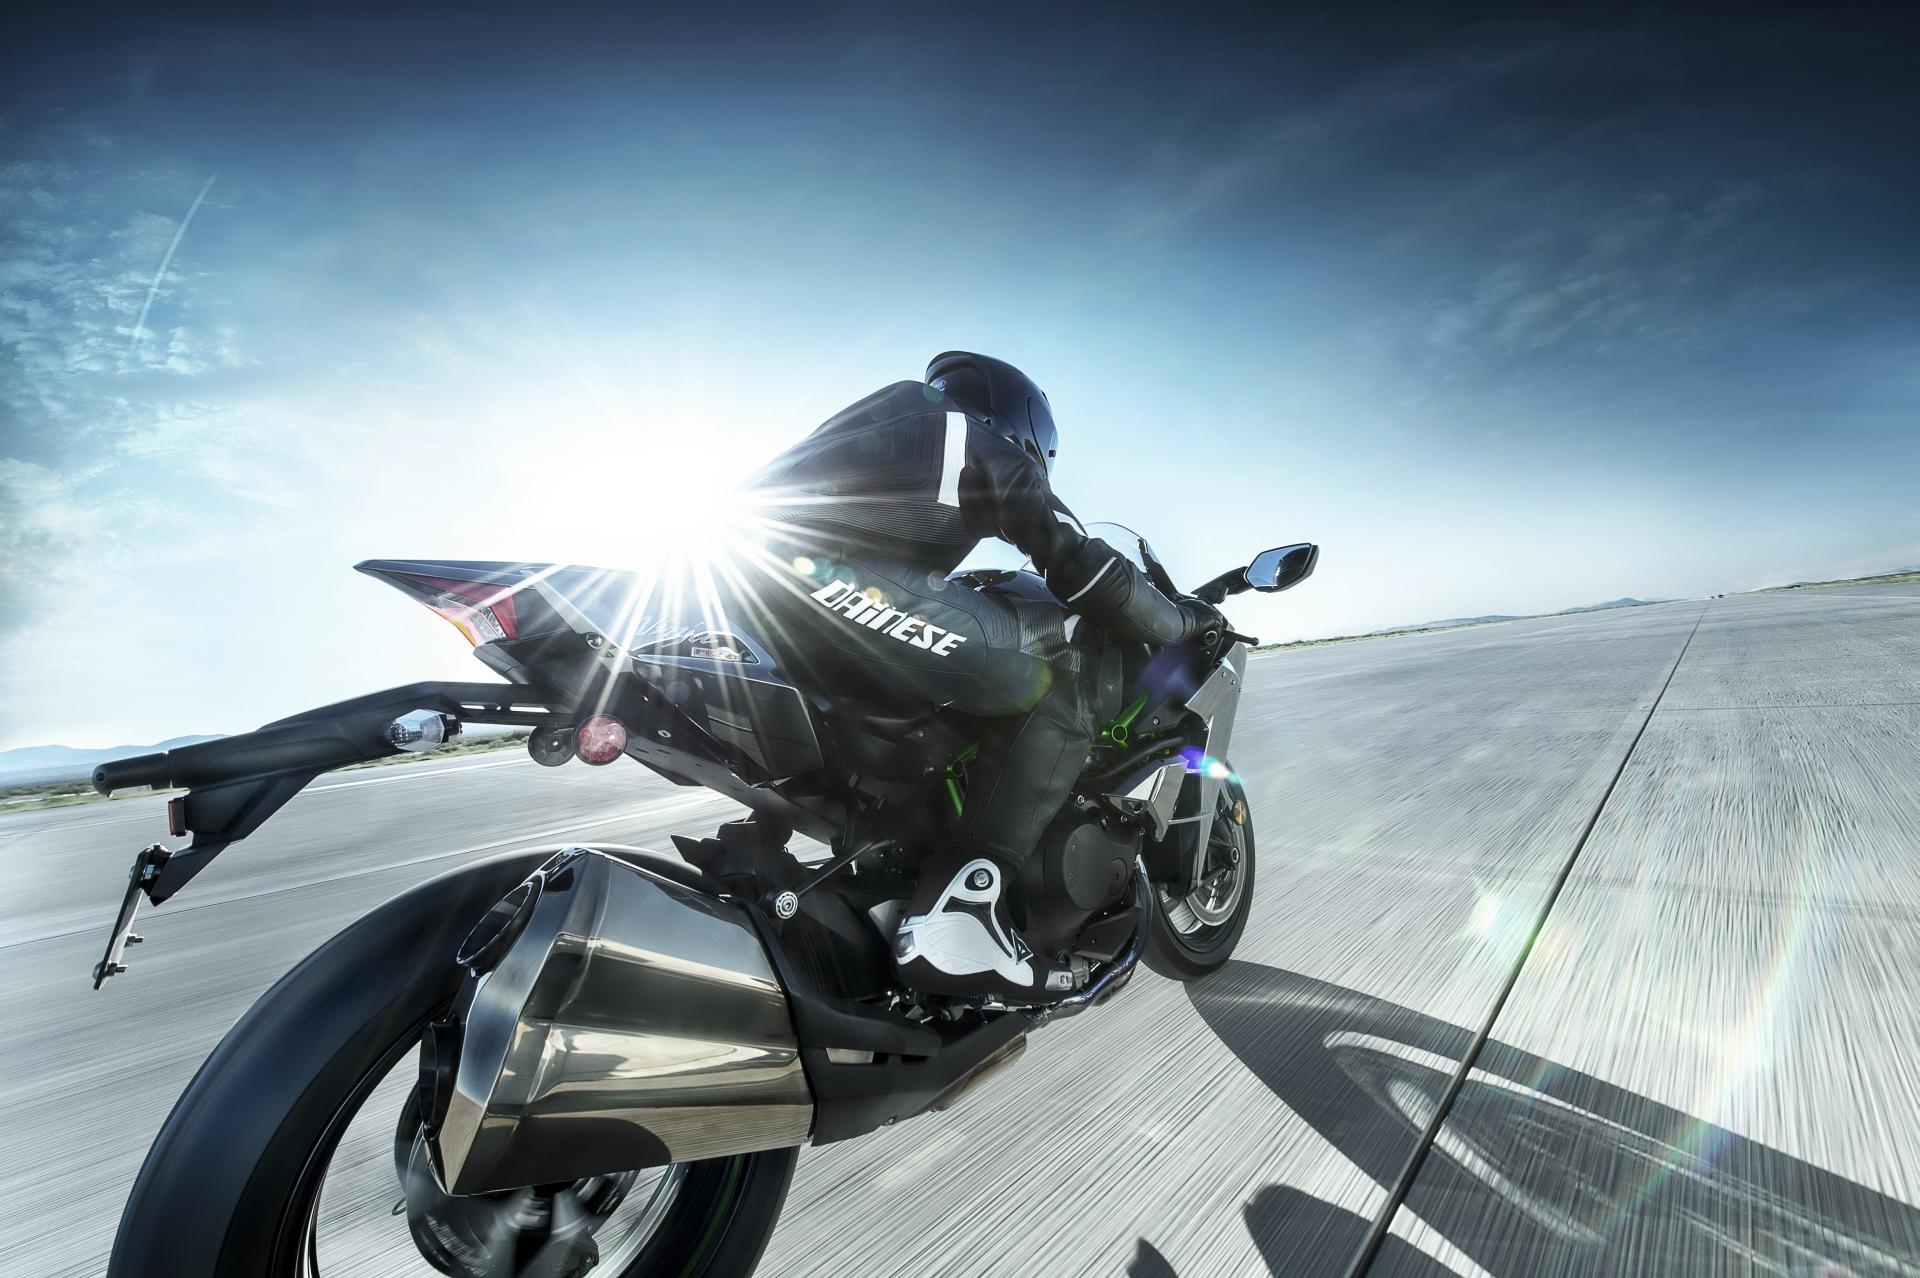 Kawasaki Ninja H2 Price >> Kawasaki Ninja H2 and H2R Prices Confirmed - autoevolution